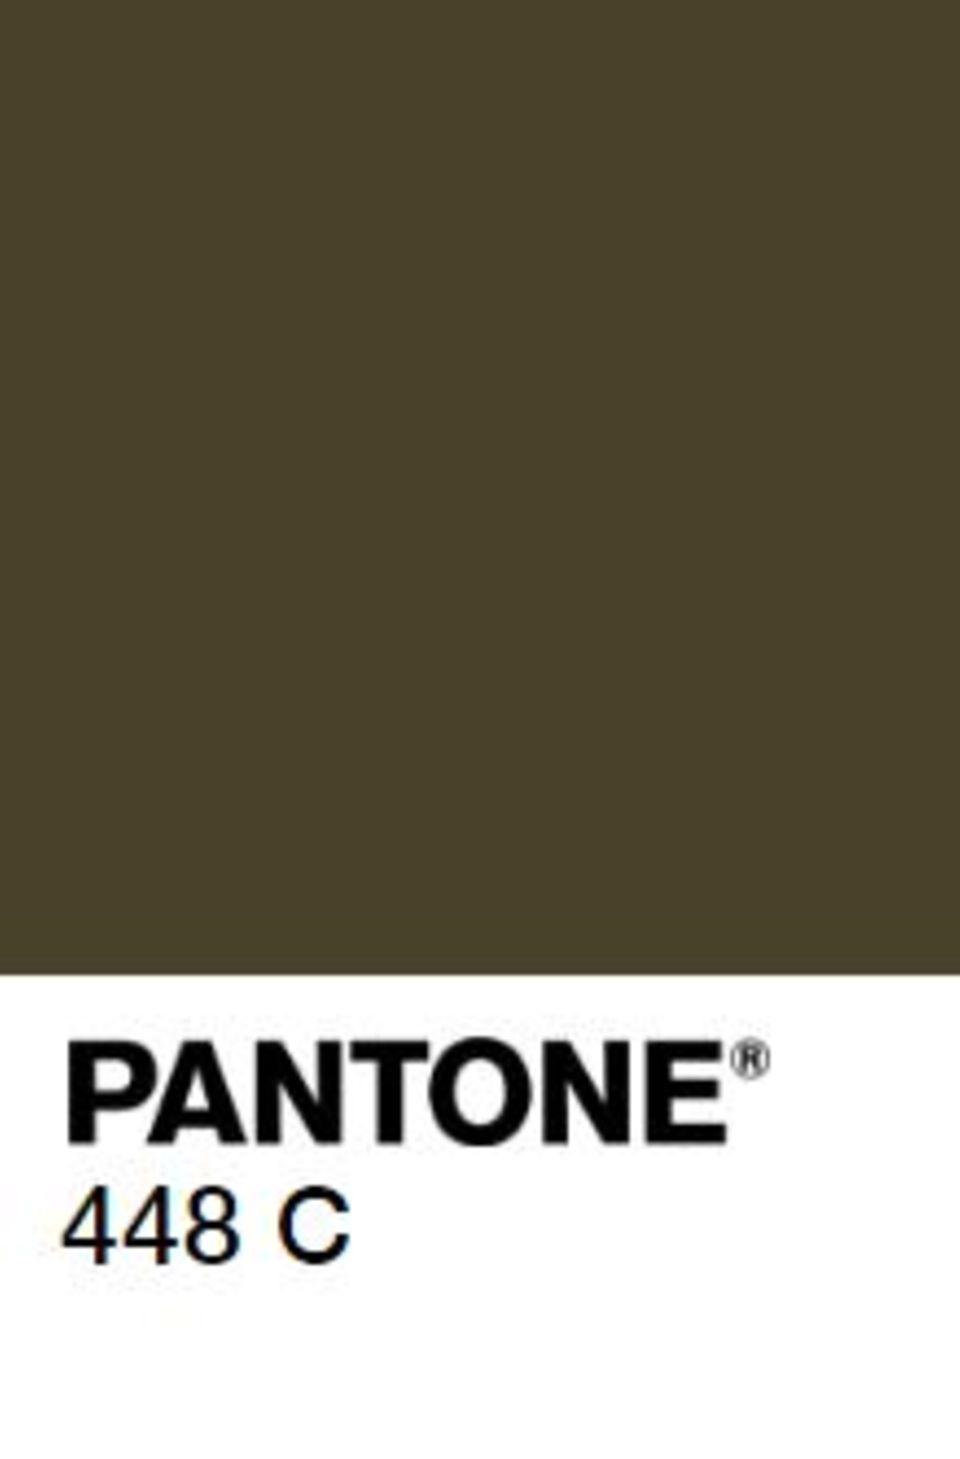 Pantone 448C: Ist diese Farbe wirklich so hässlich?